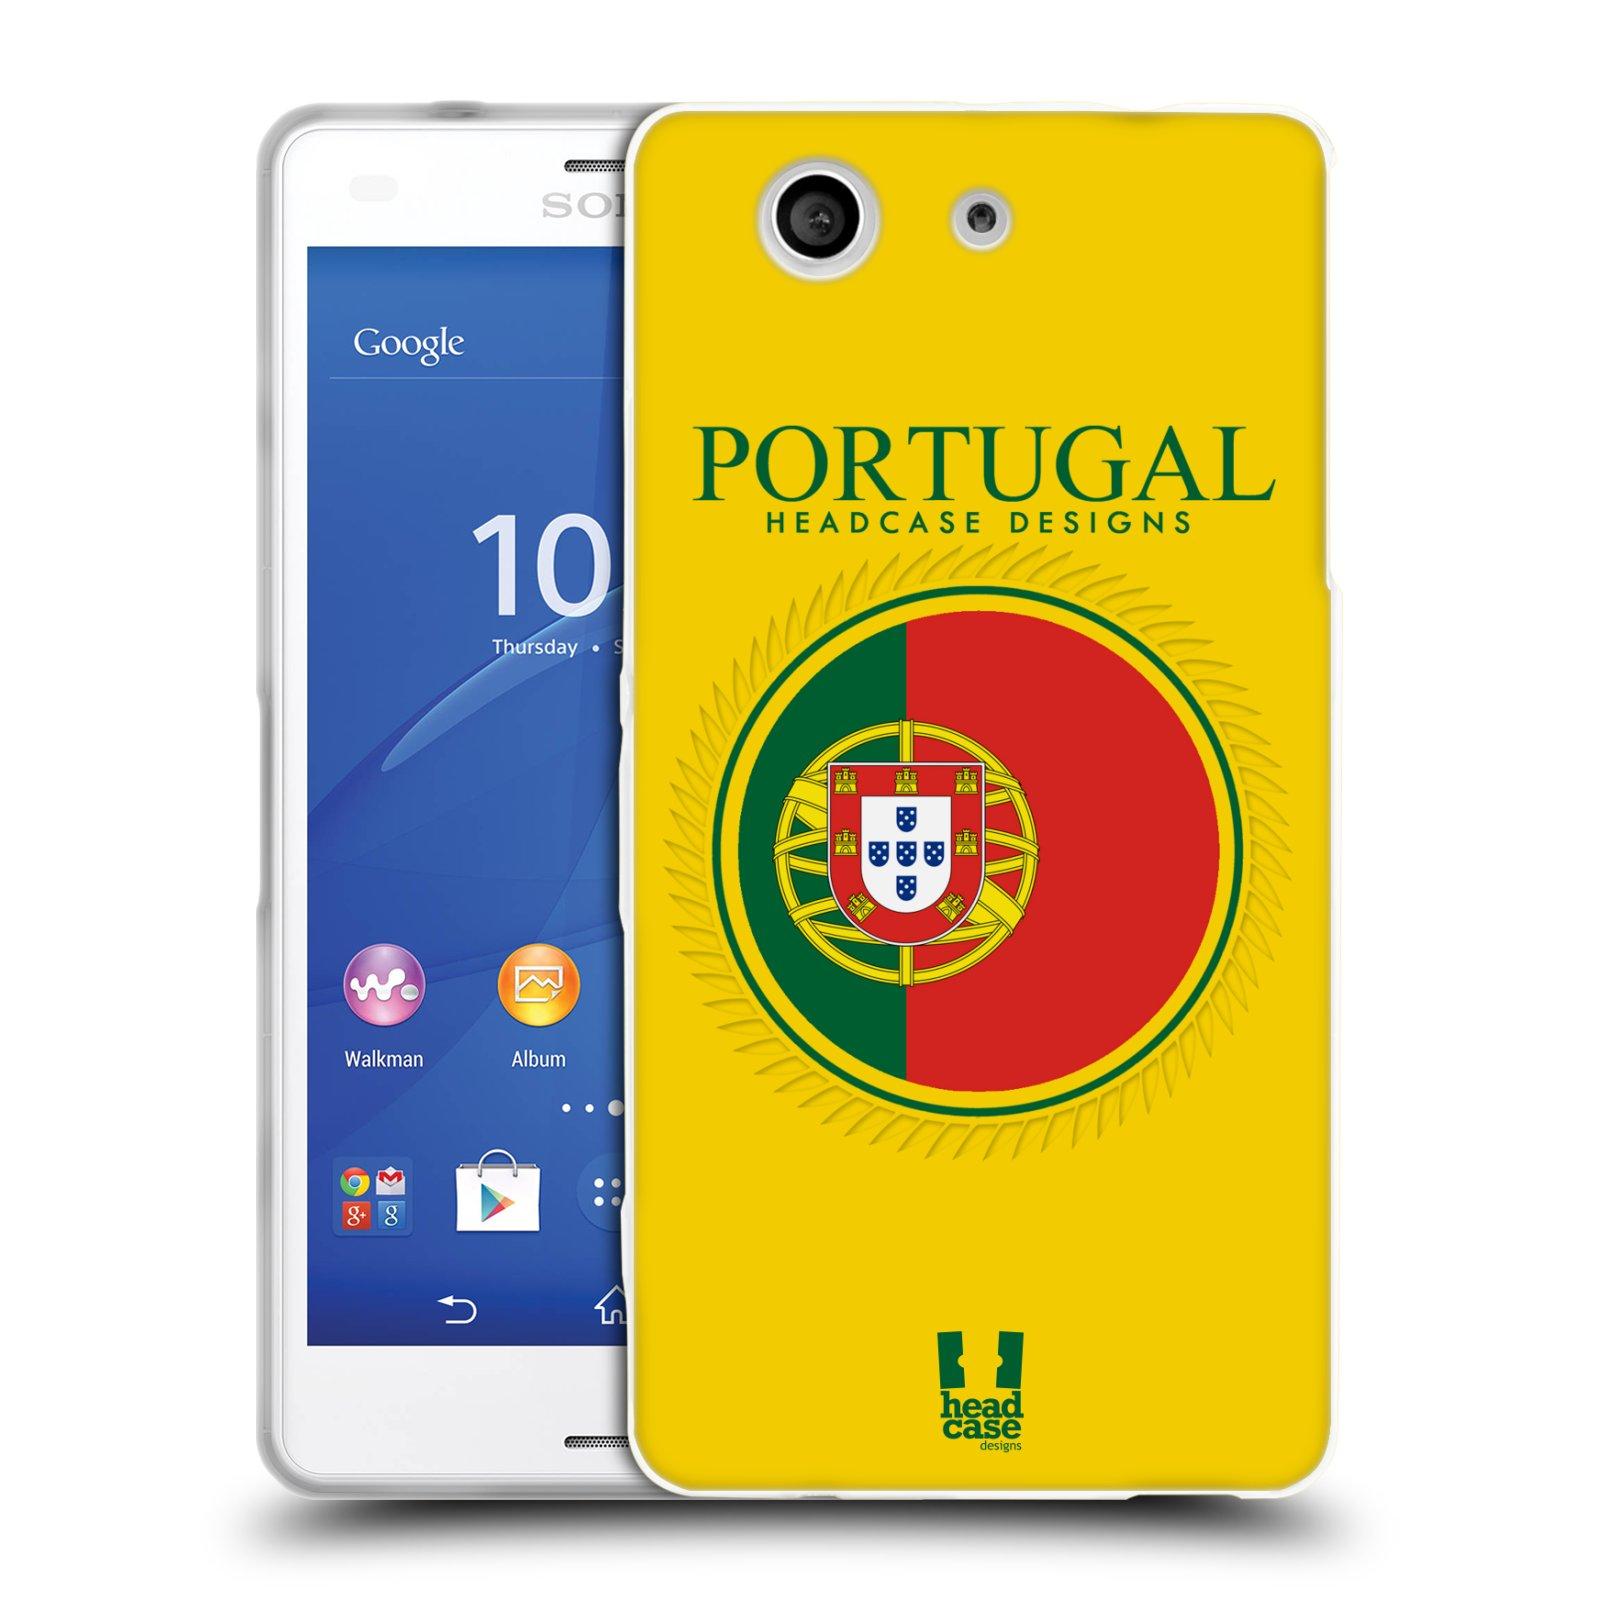 HEAD CASE silikonový obal na mobil Sony Xperia Z3 COMPACT (D5803) vzor Vlajky státy 2 PORTUGALSKO